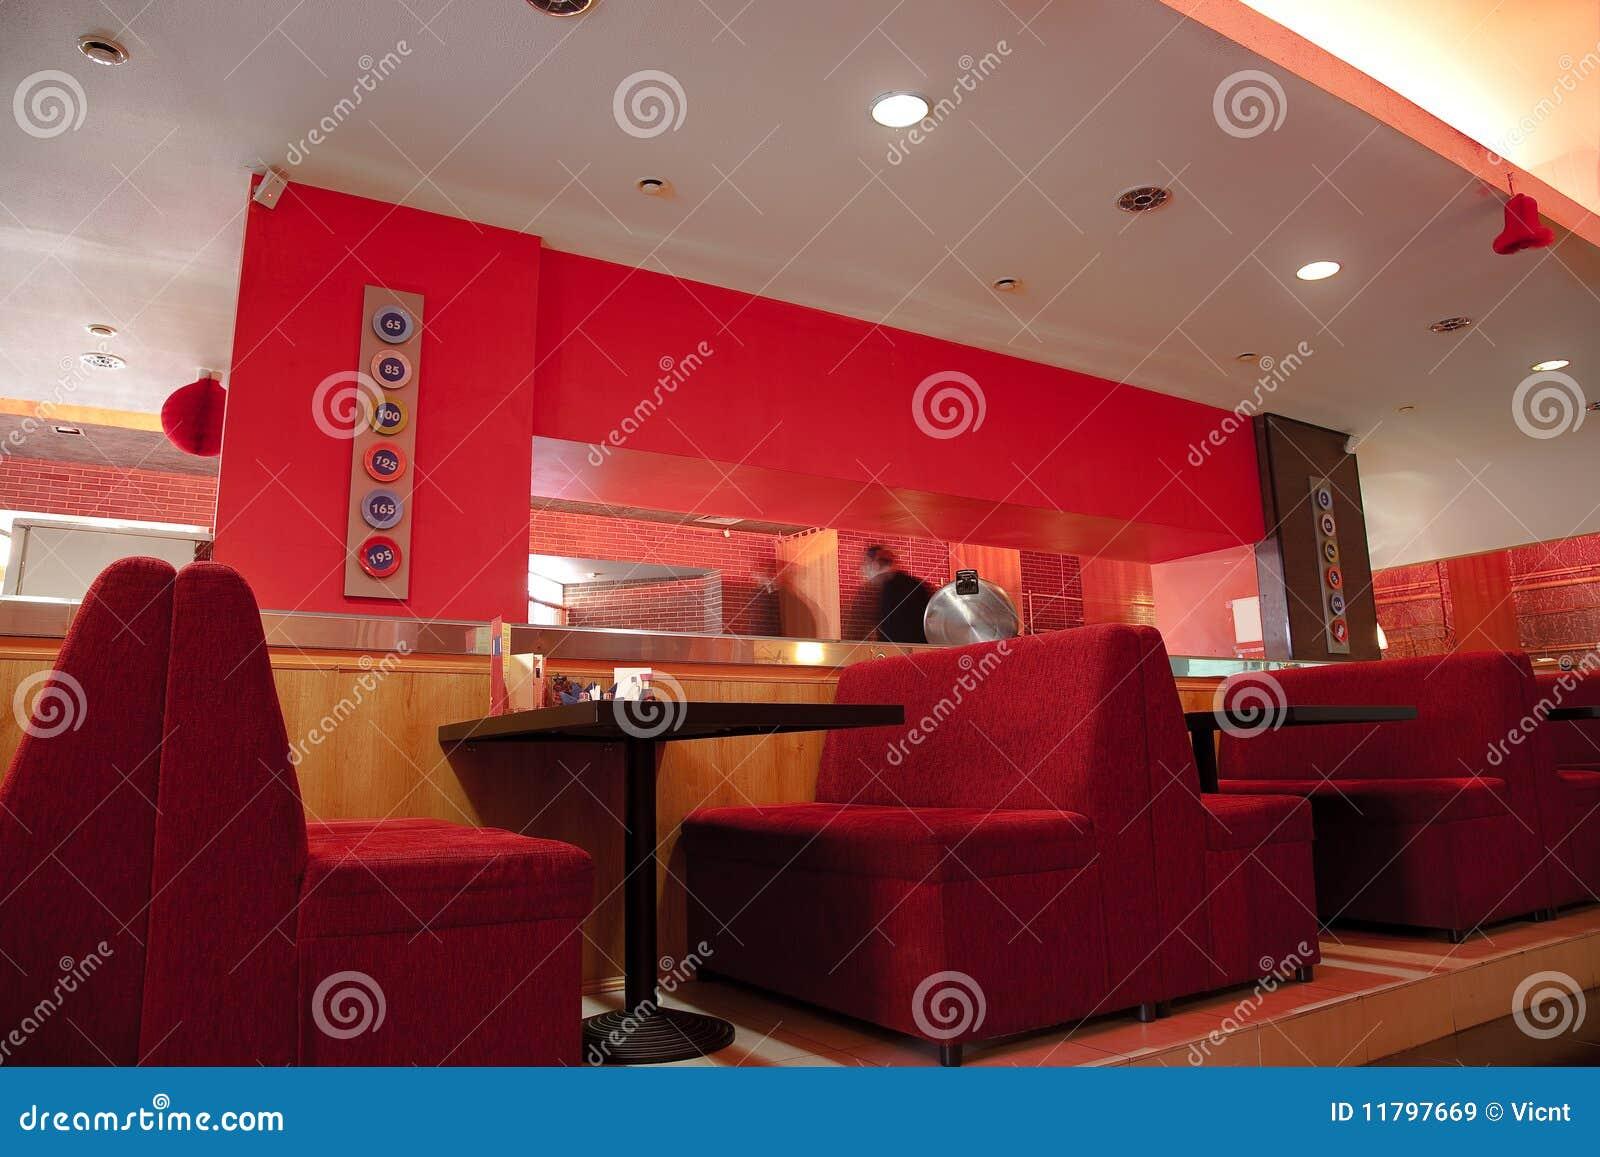 Restaurante moderno imagens de stock royalty free imagem - Interiores de restaurantes ...